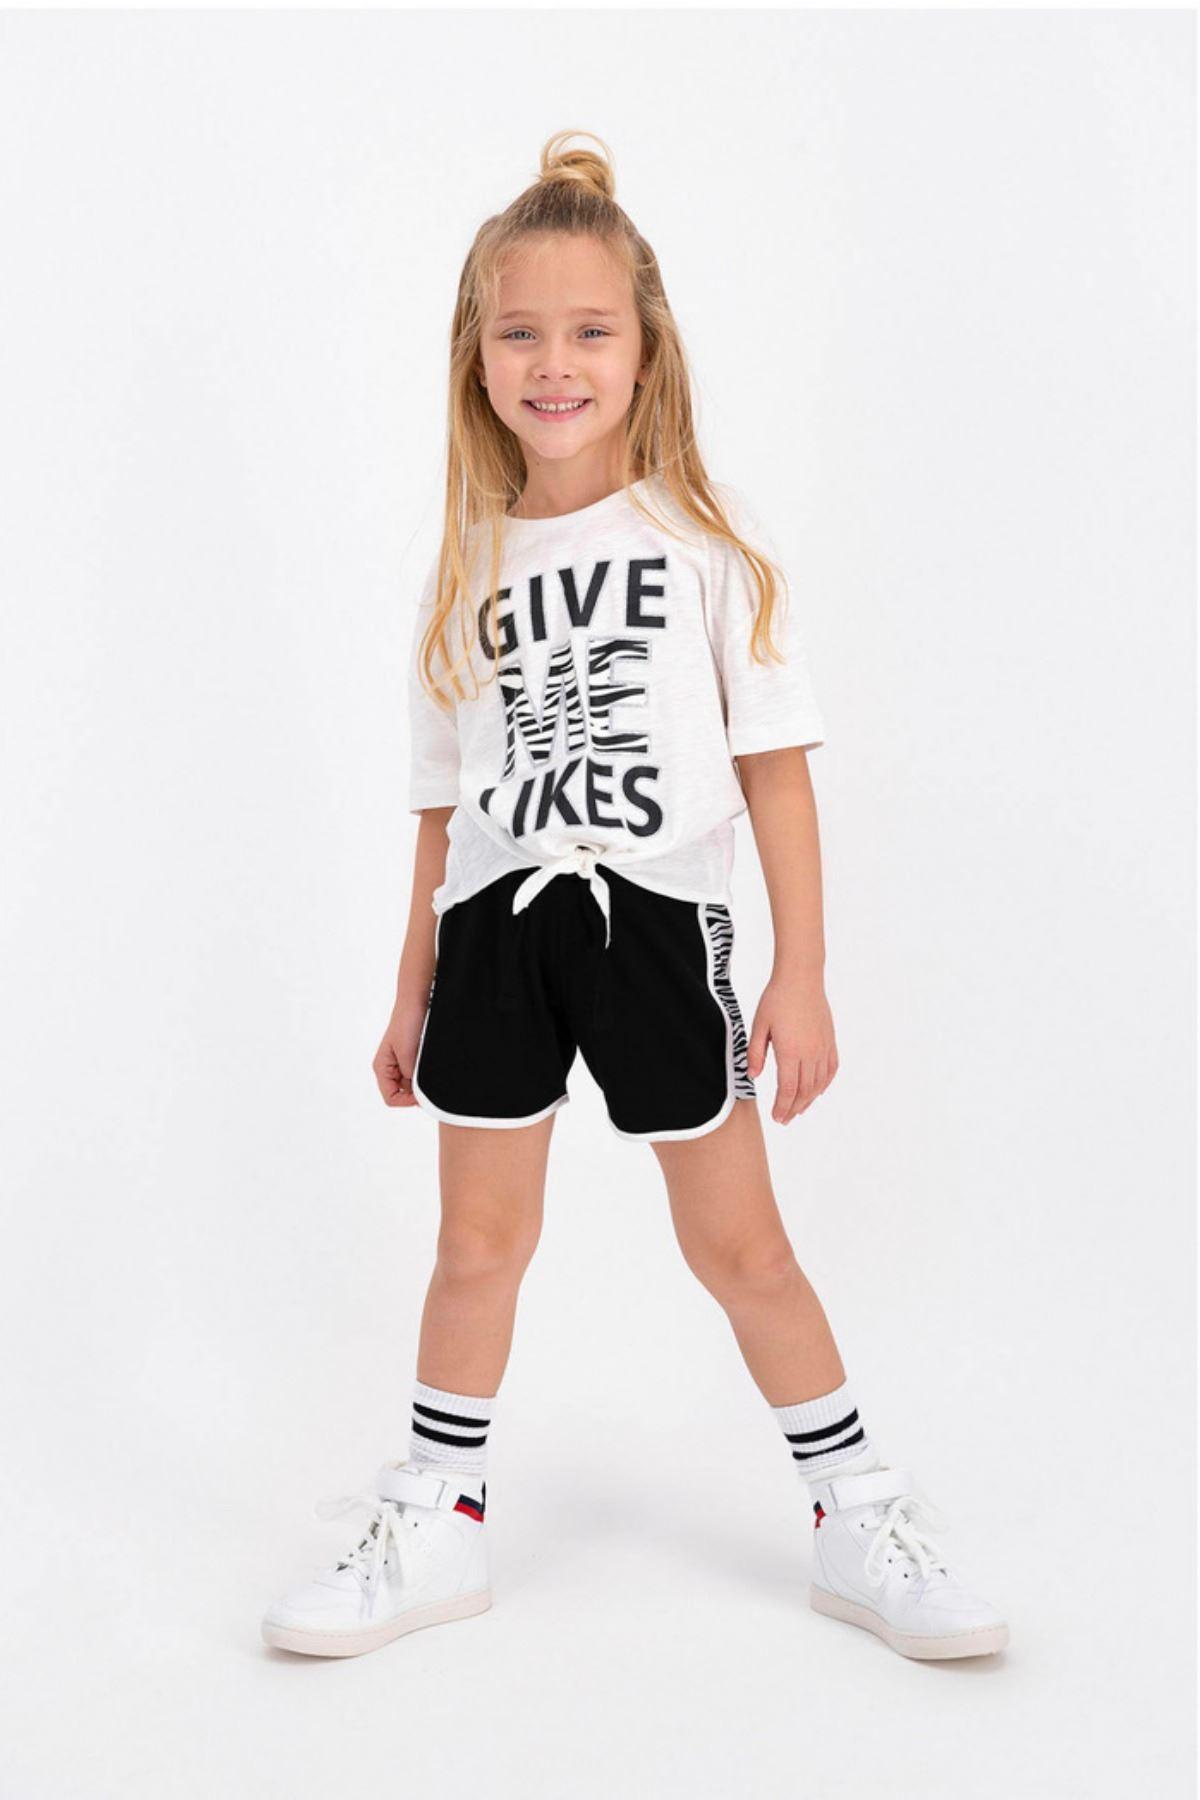 Give Me Likes Çocuk Takım - Krem